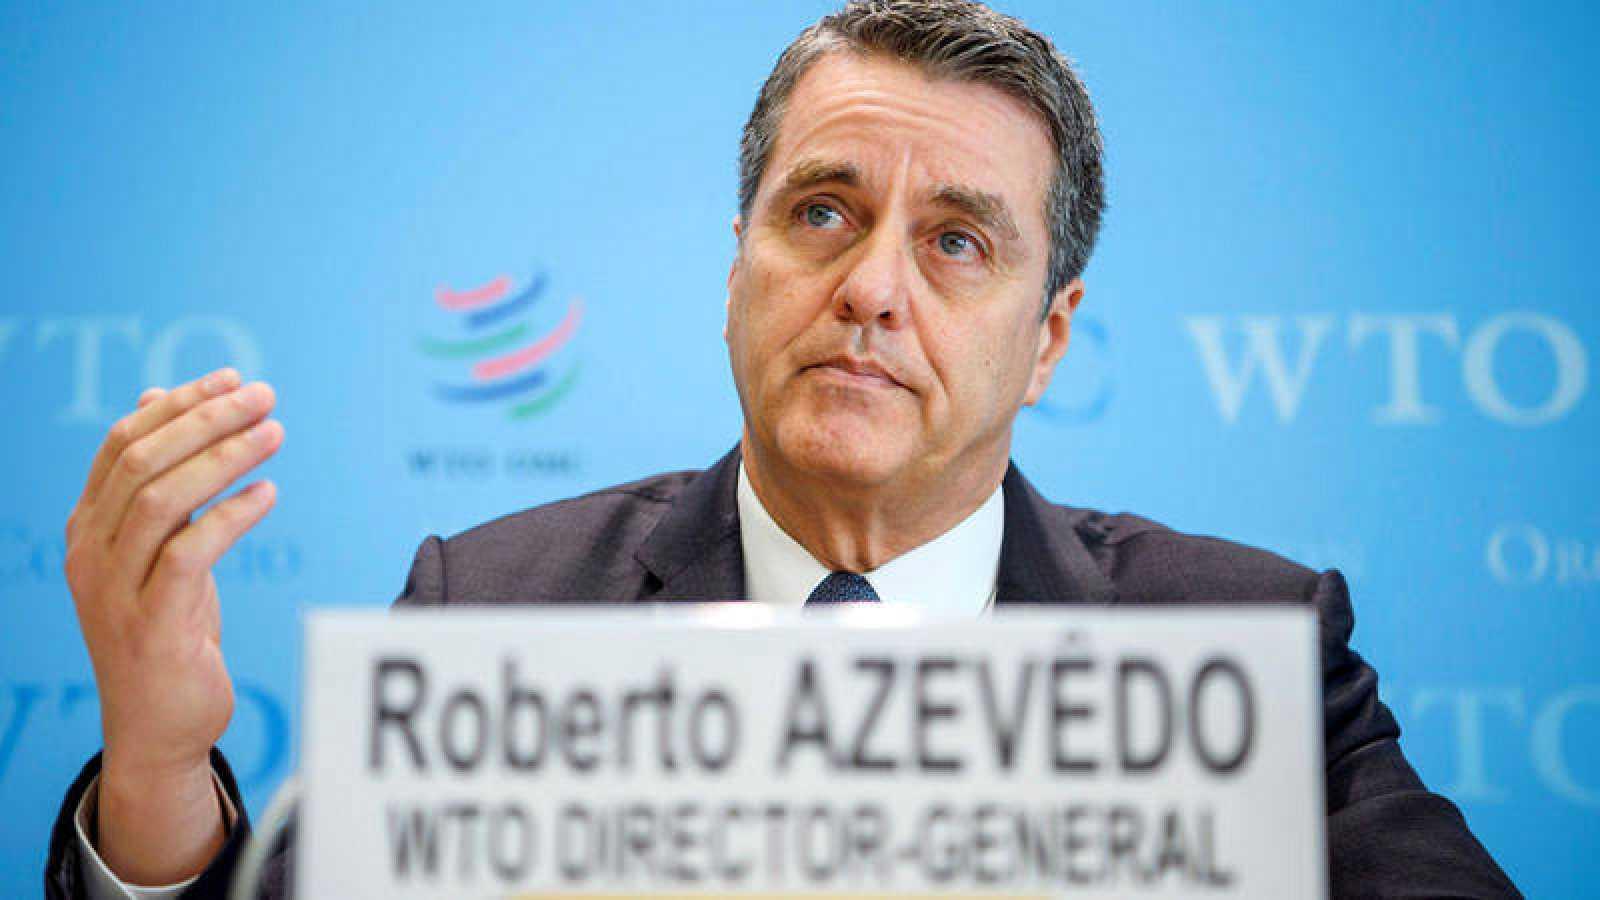 El director general de la Organización Mundial de Comercio, Roberto Azevêdo, presenta las previsiones para 2018